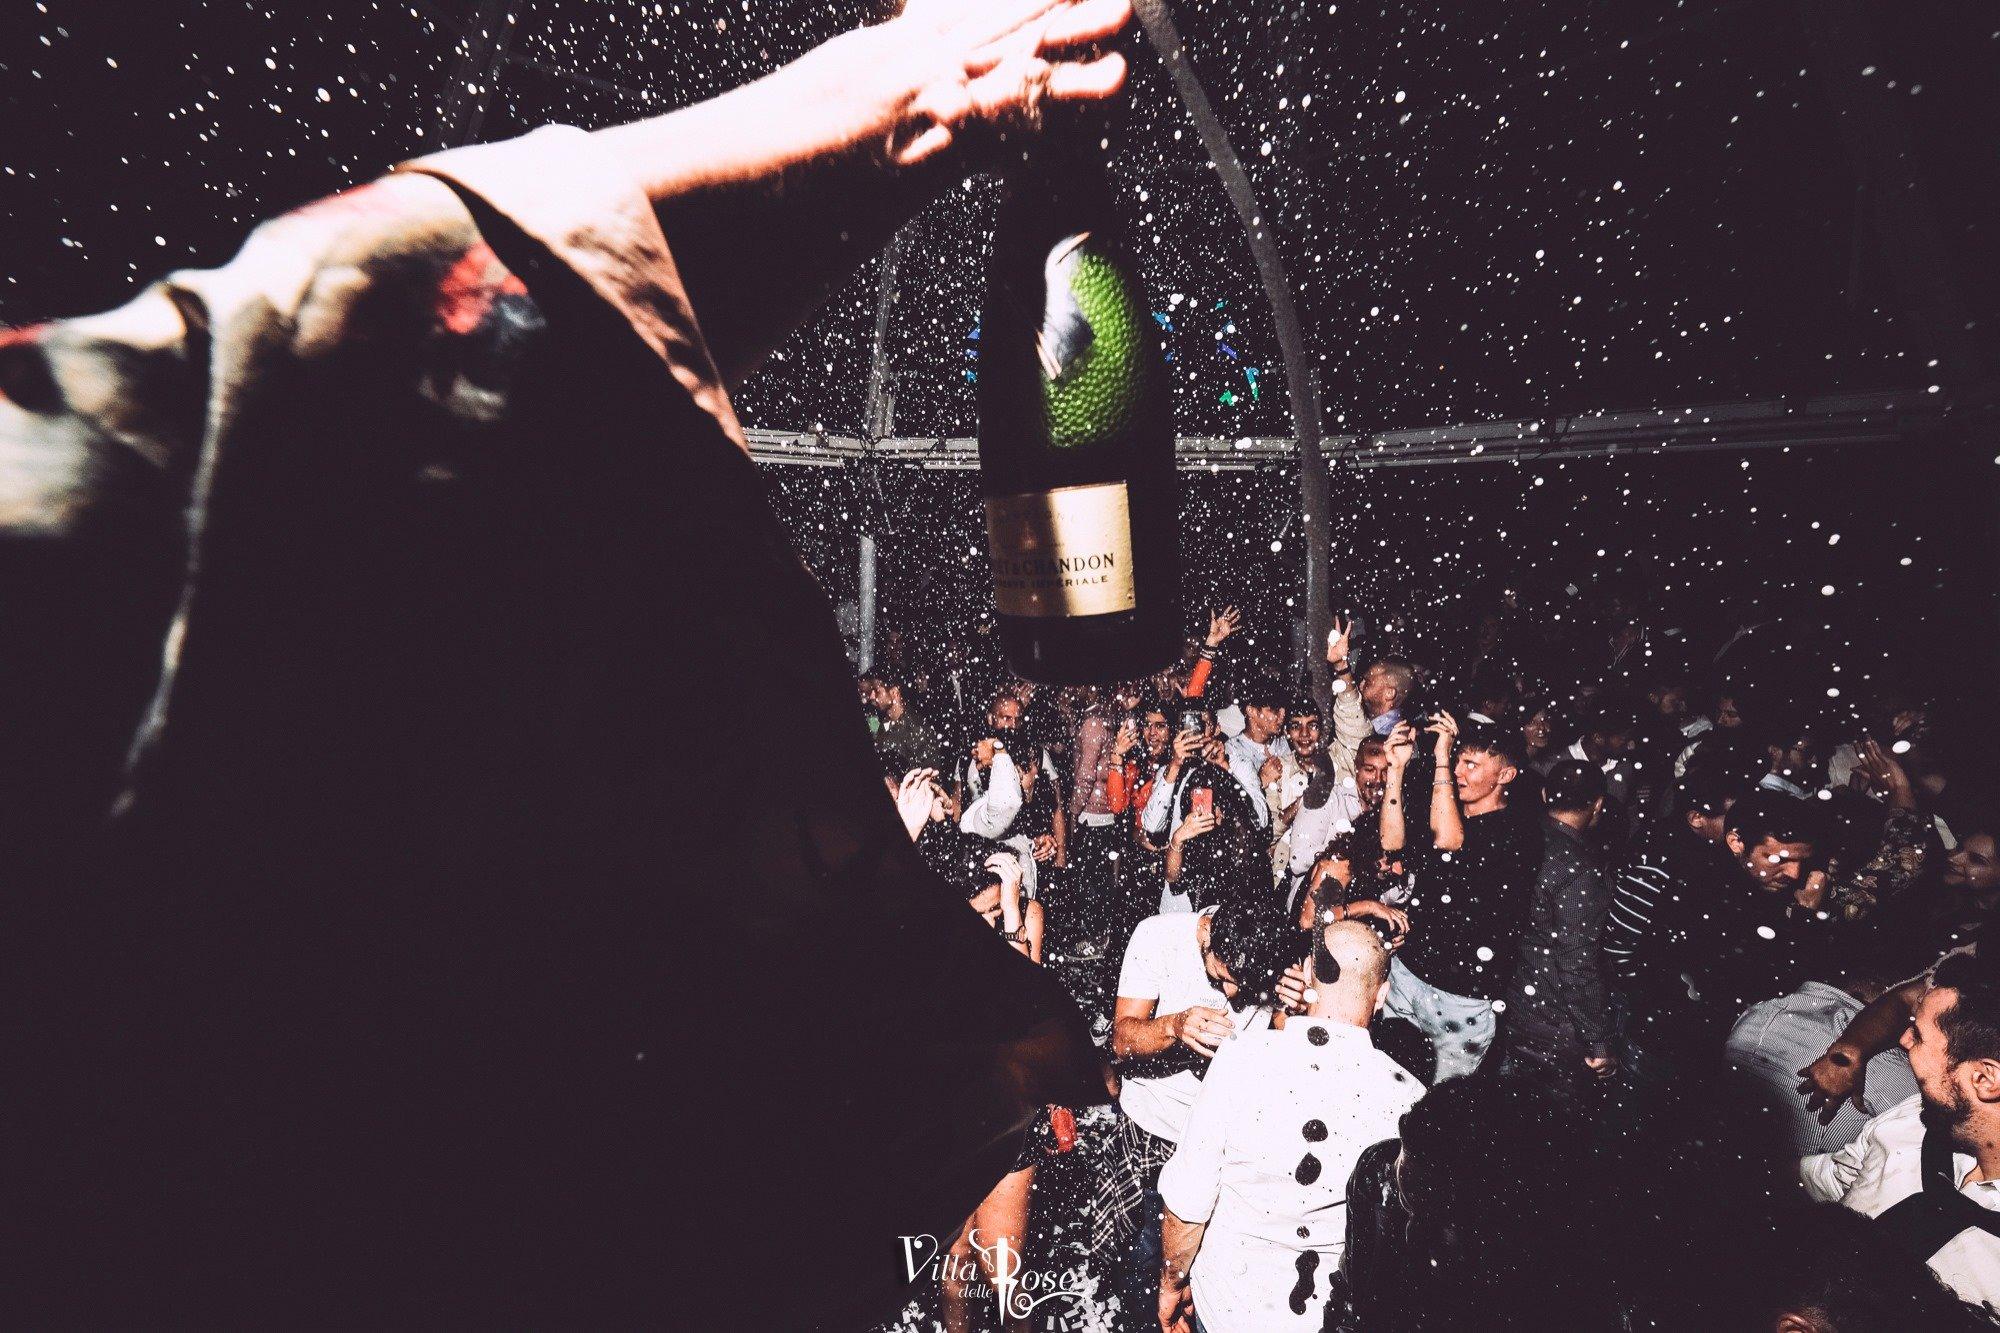 La notte fashion della discoteca Villa Delle Rose di Riccione